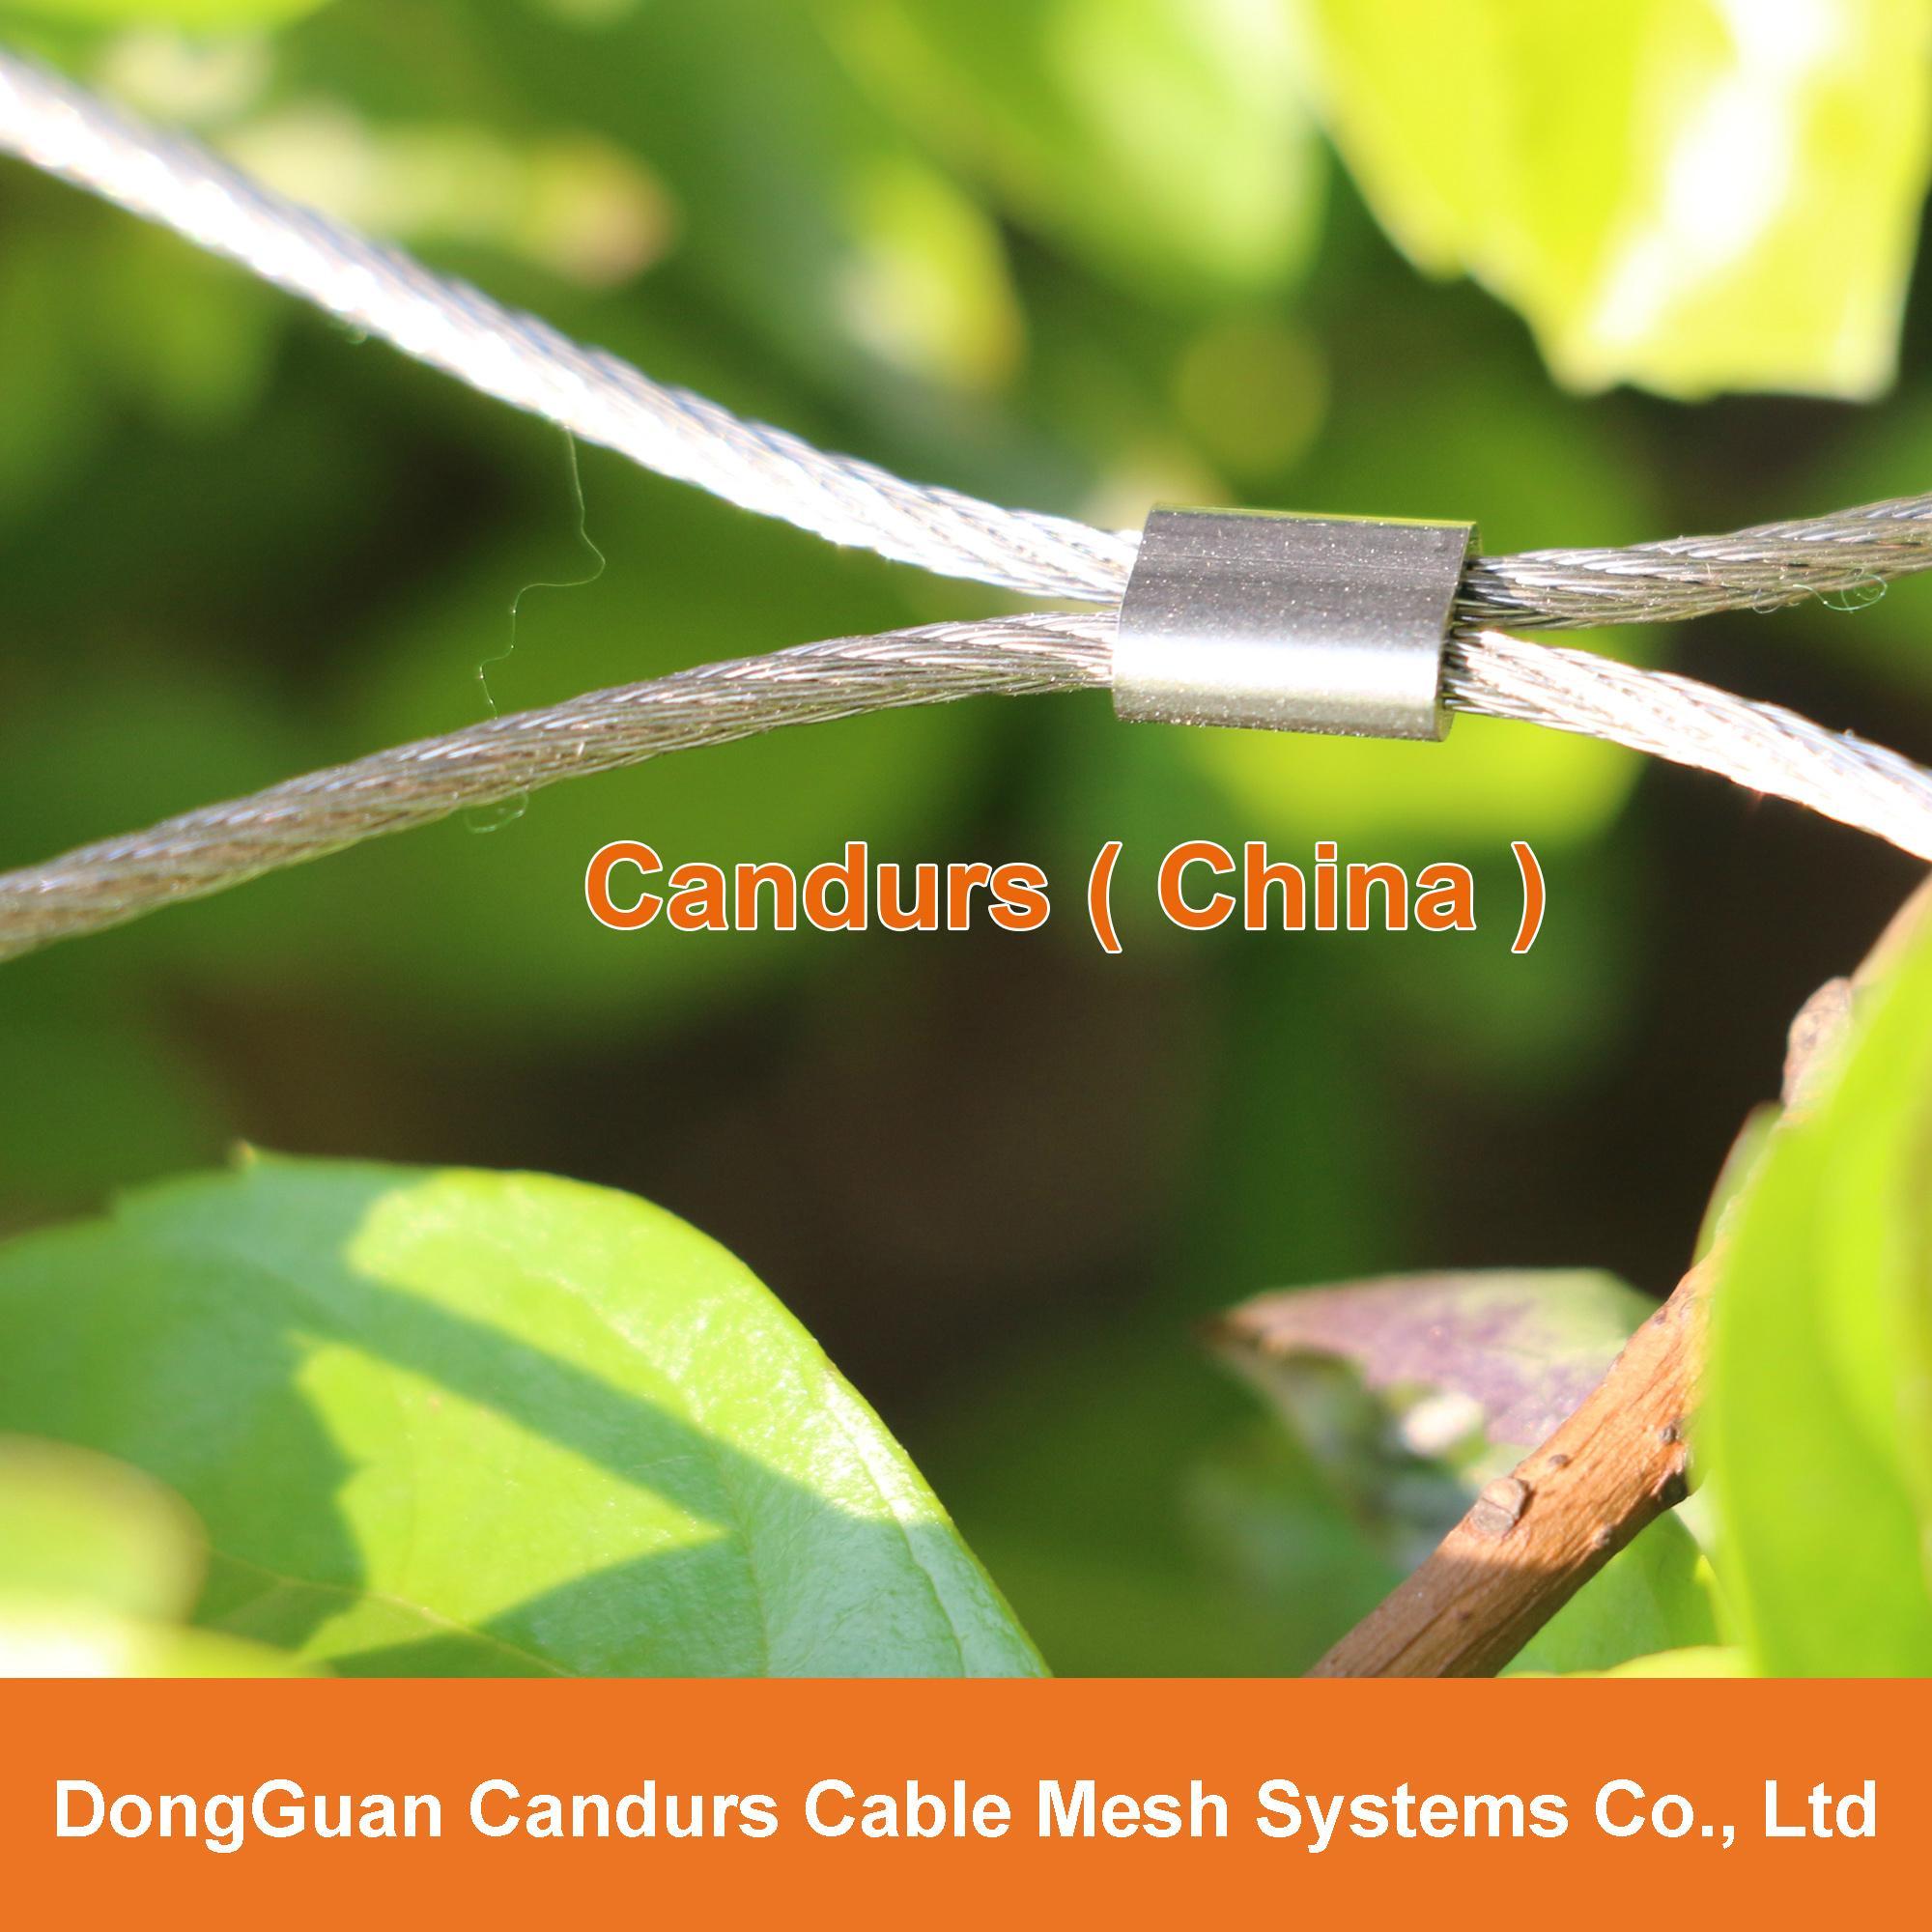 屋頂安全防護不鏽鋼繩網 8